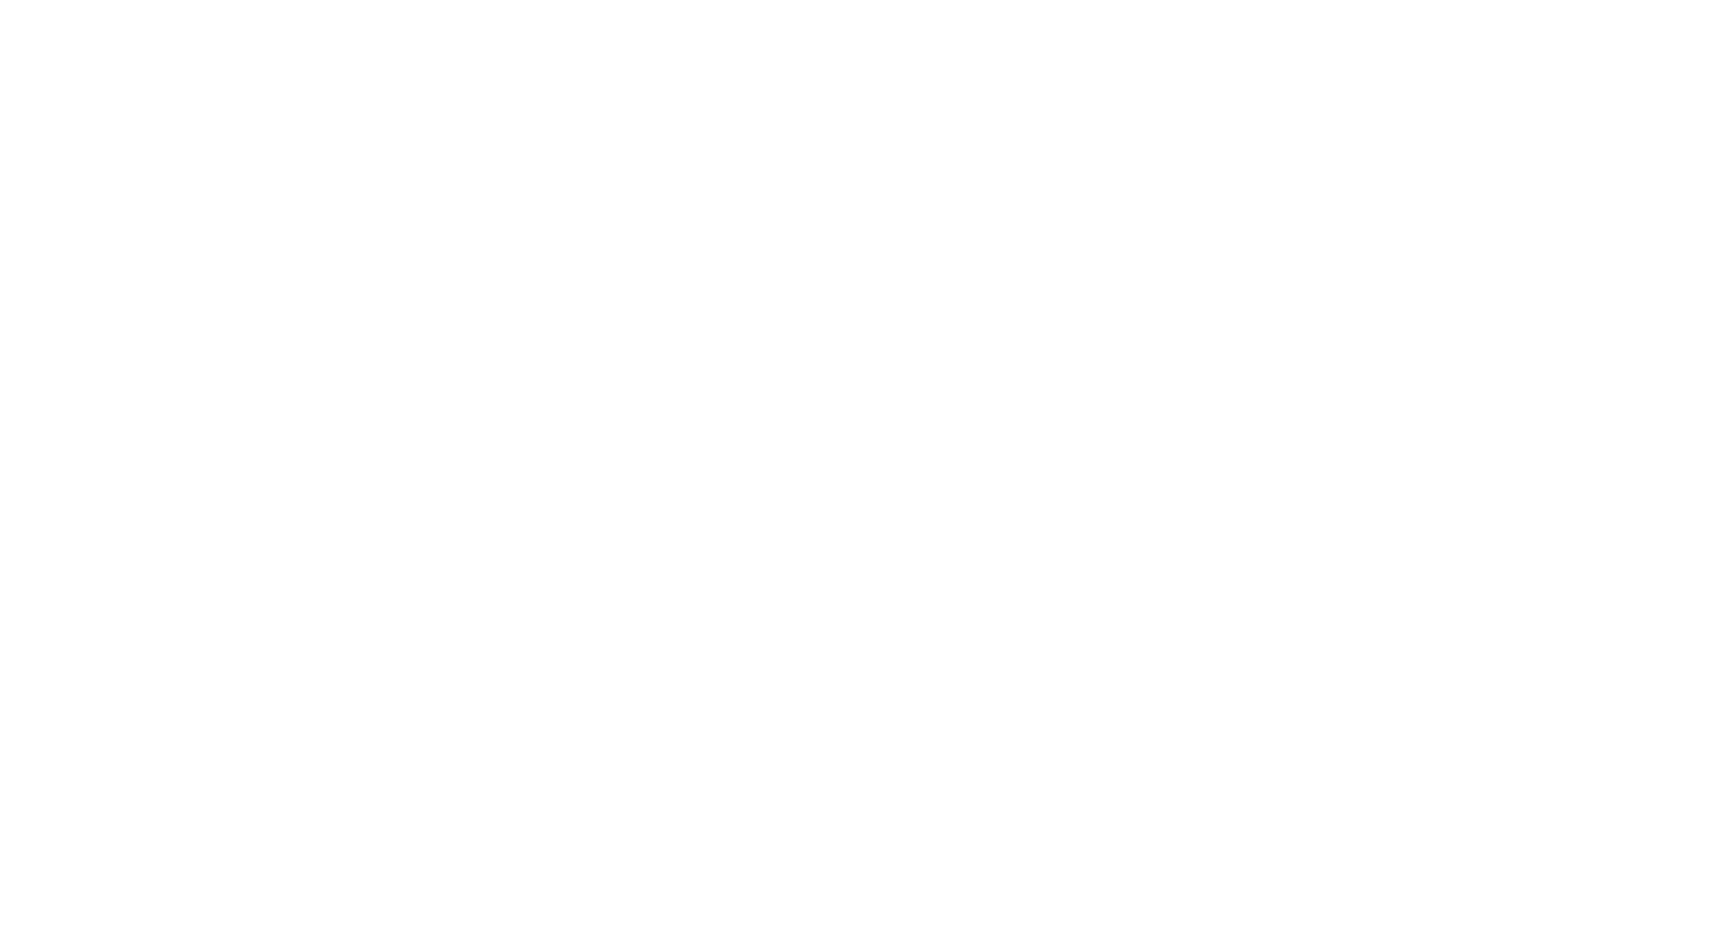 Logo da empresa ACOM.